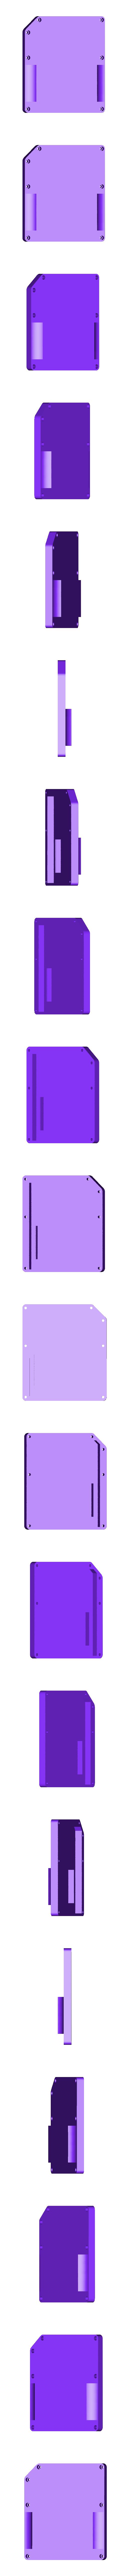 bottom.stl Download free STL file Pocket Wii | v.0.5 • 3D printing model, indigo4